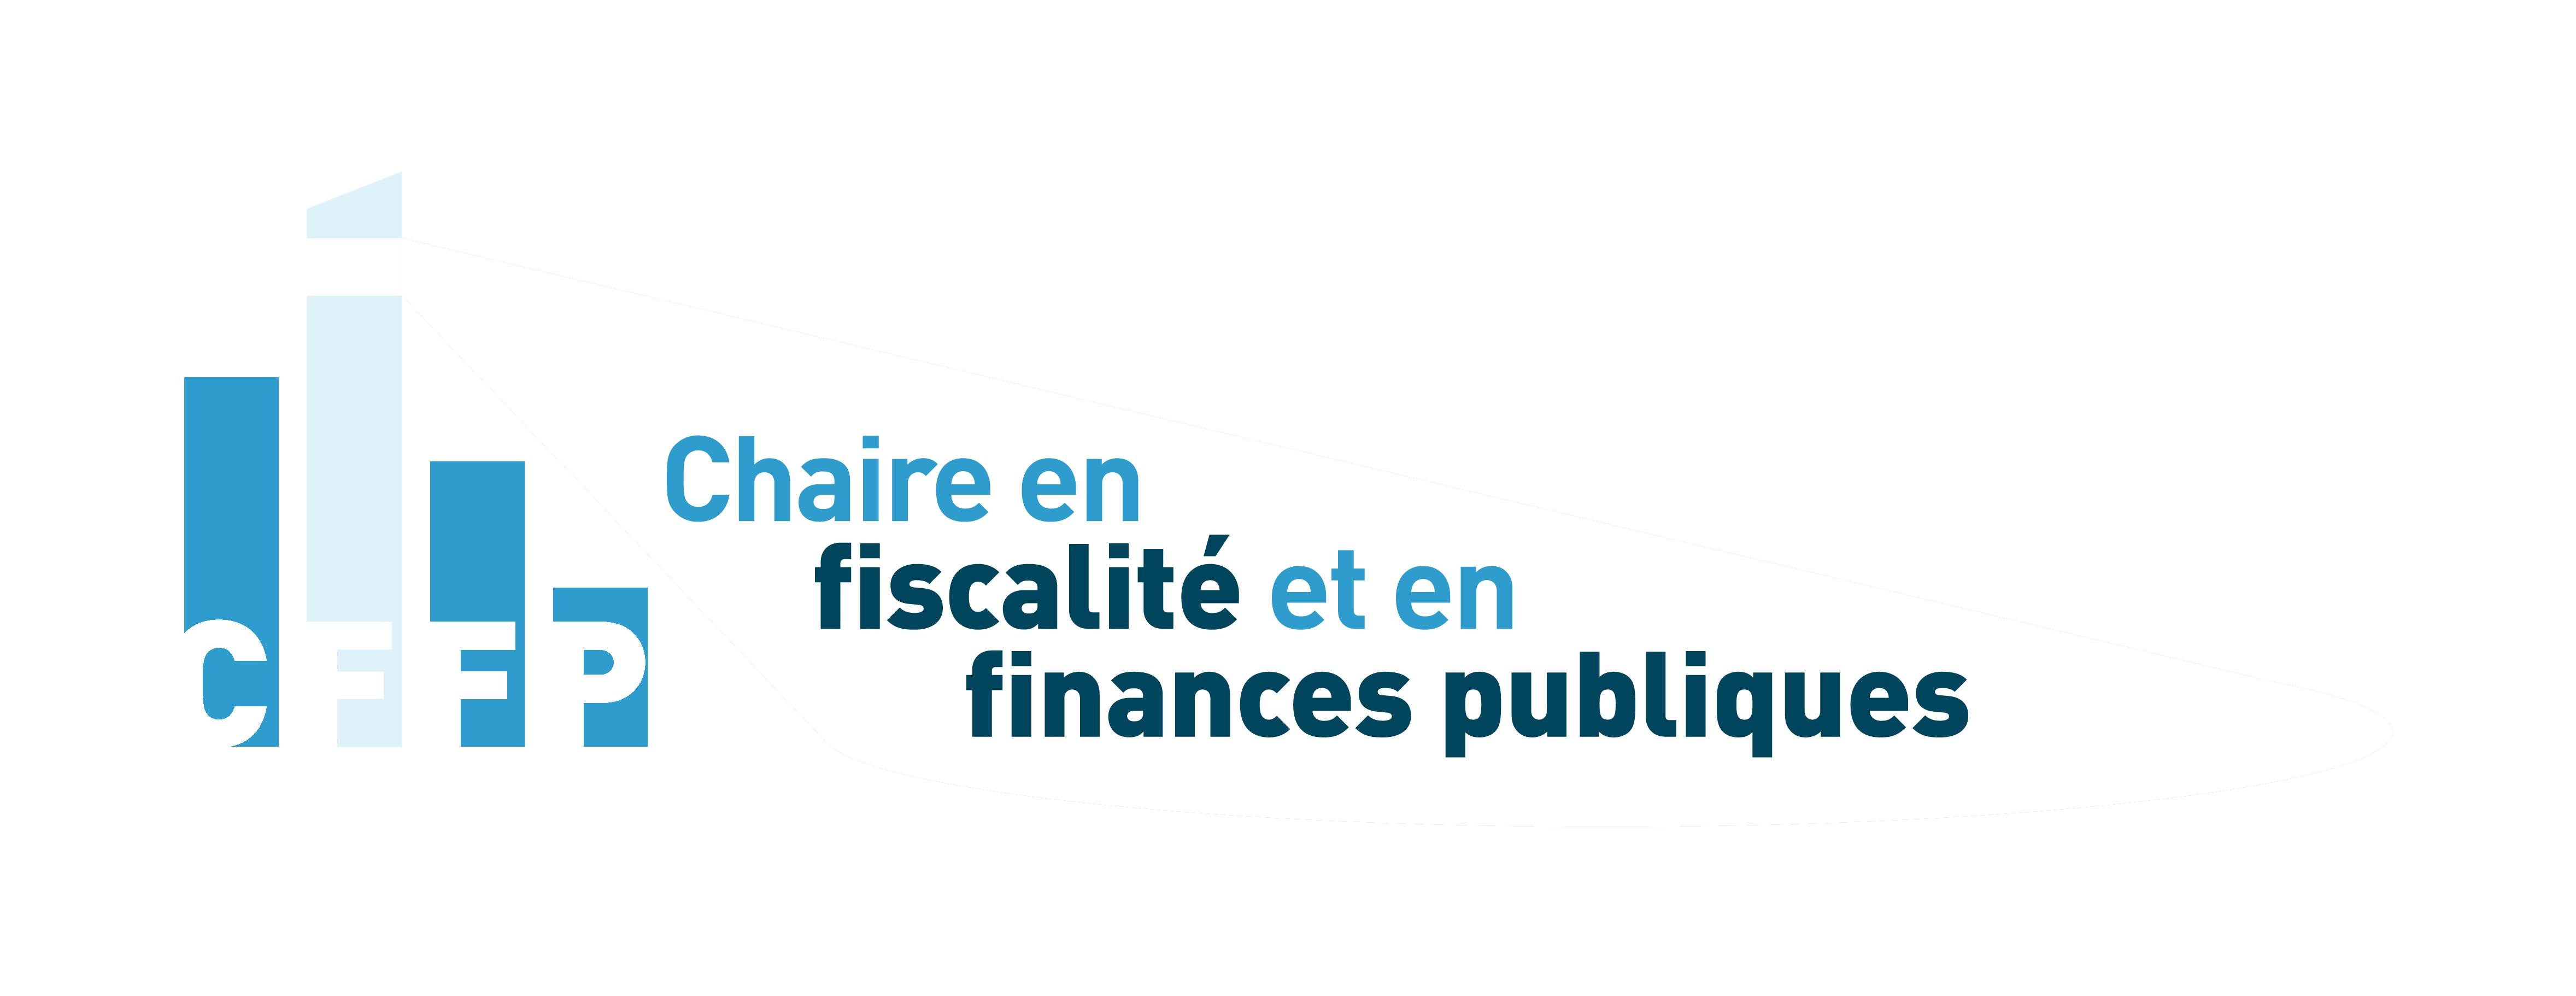 Chaire en fiscalité et en finances publiques